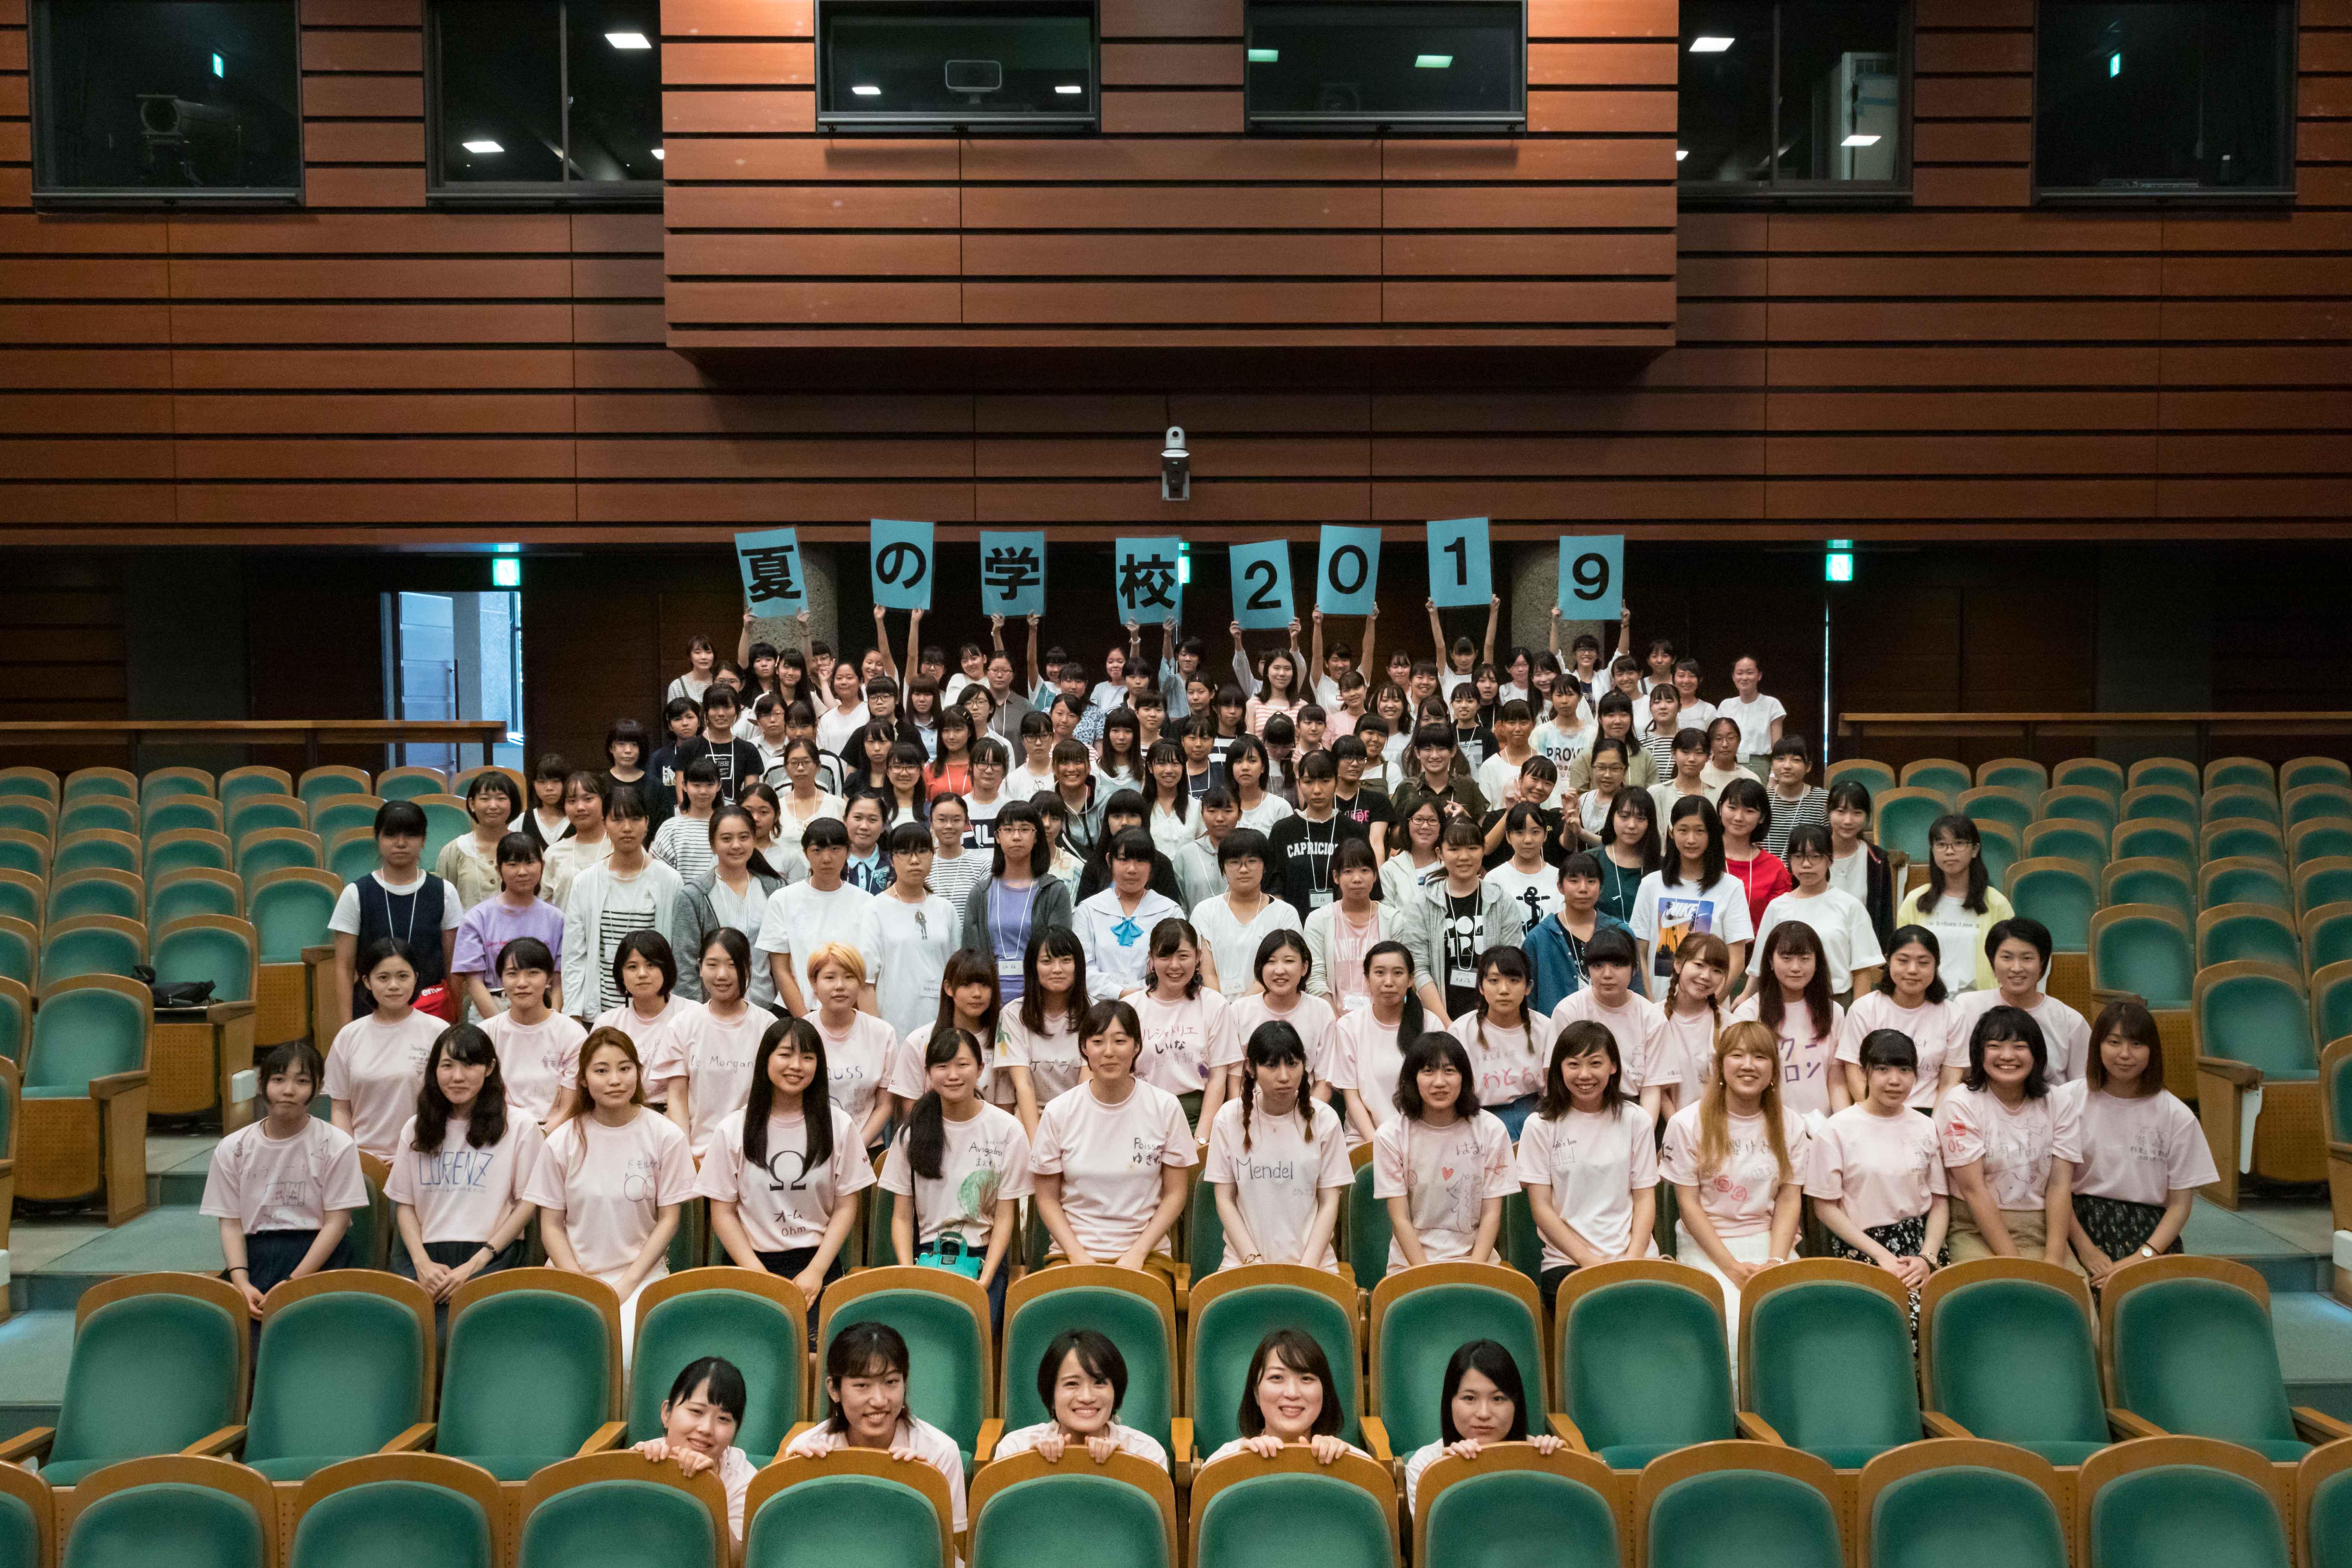 「女子中高生夏の学校2019」の全日程を無事に終了しました!